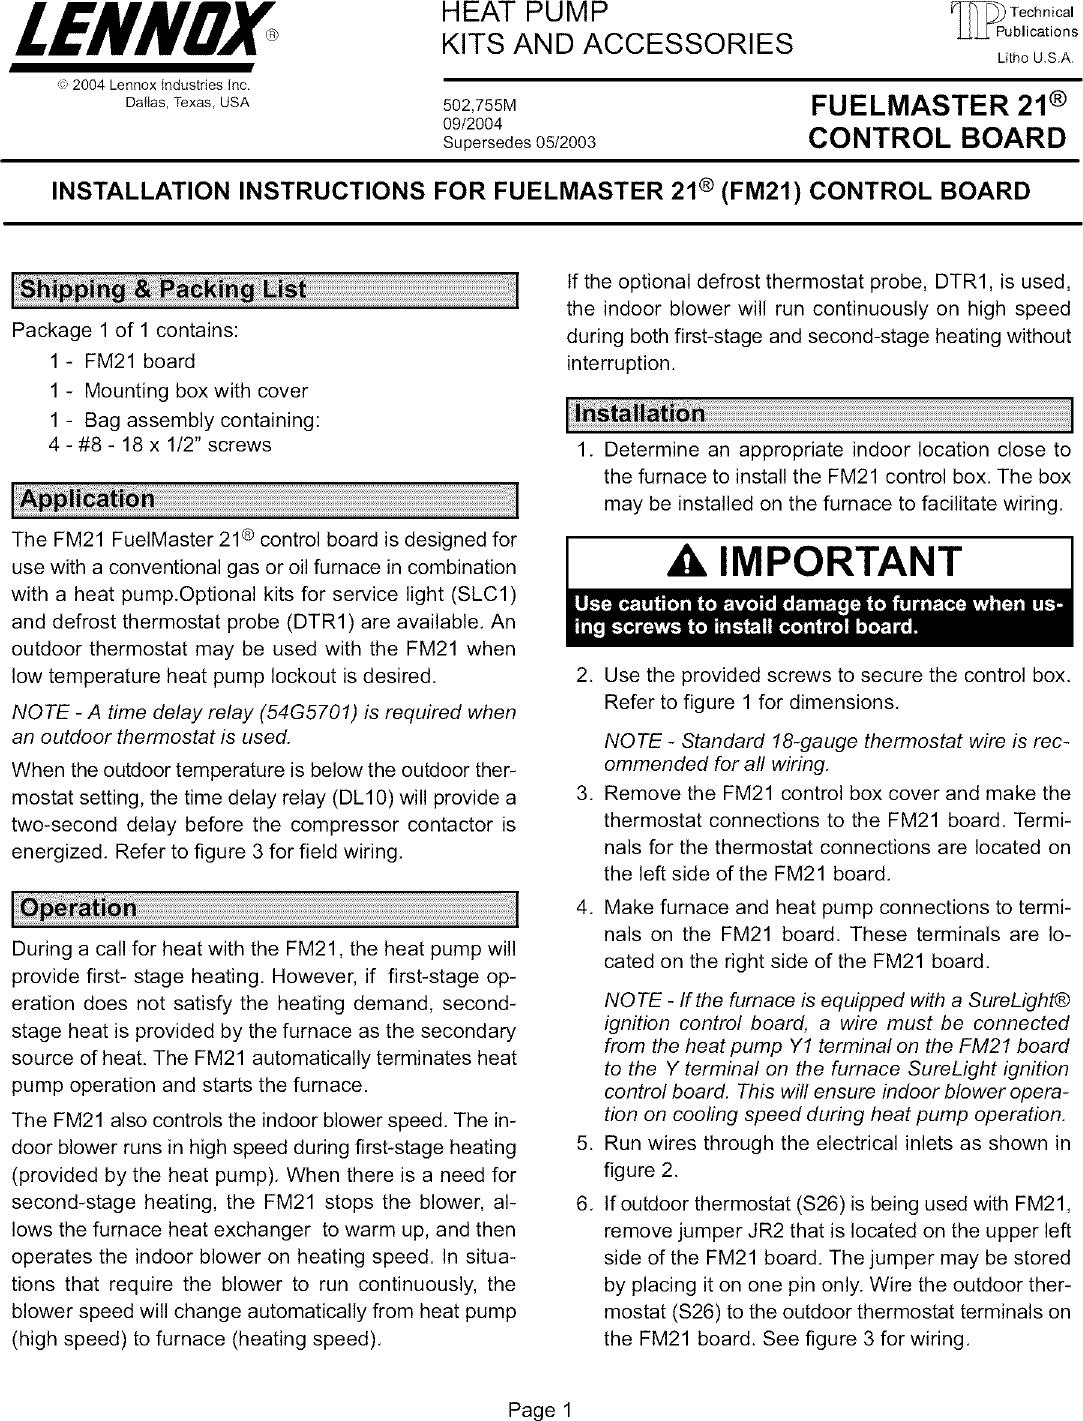 Lennox Thermostat y0349 Manual